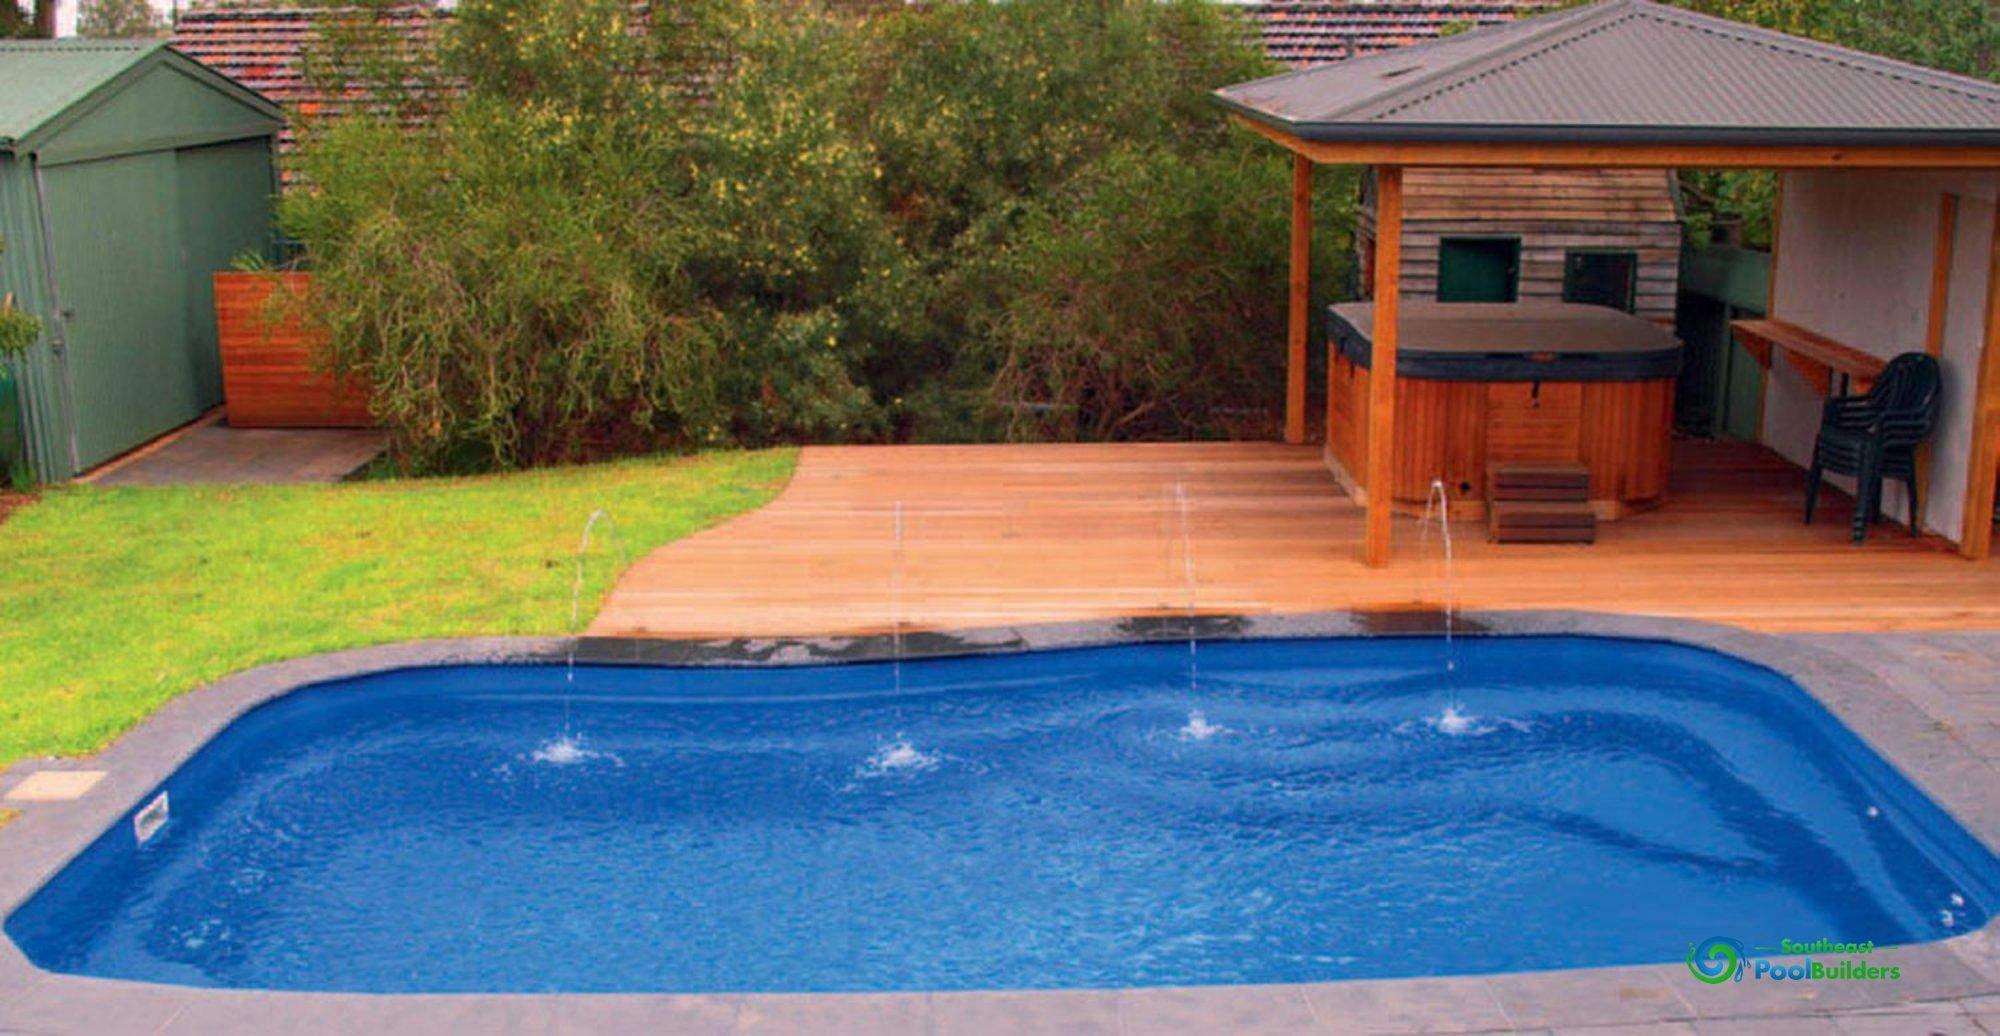 Barrier reef pools sudbury custom pool builder central - Barrier reef pools ...